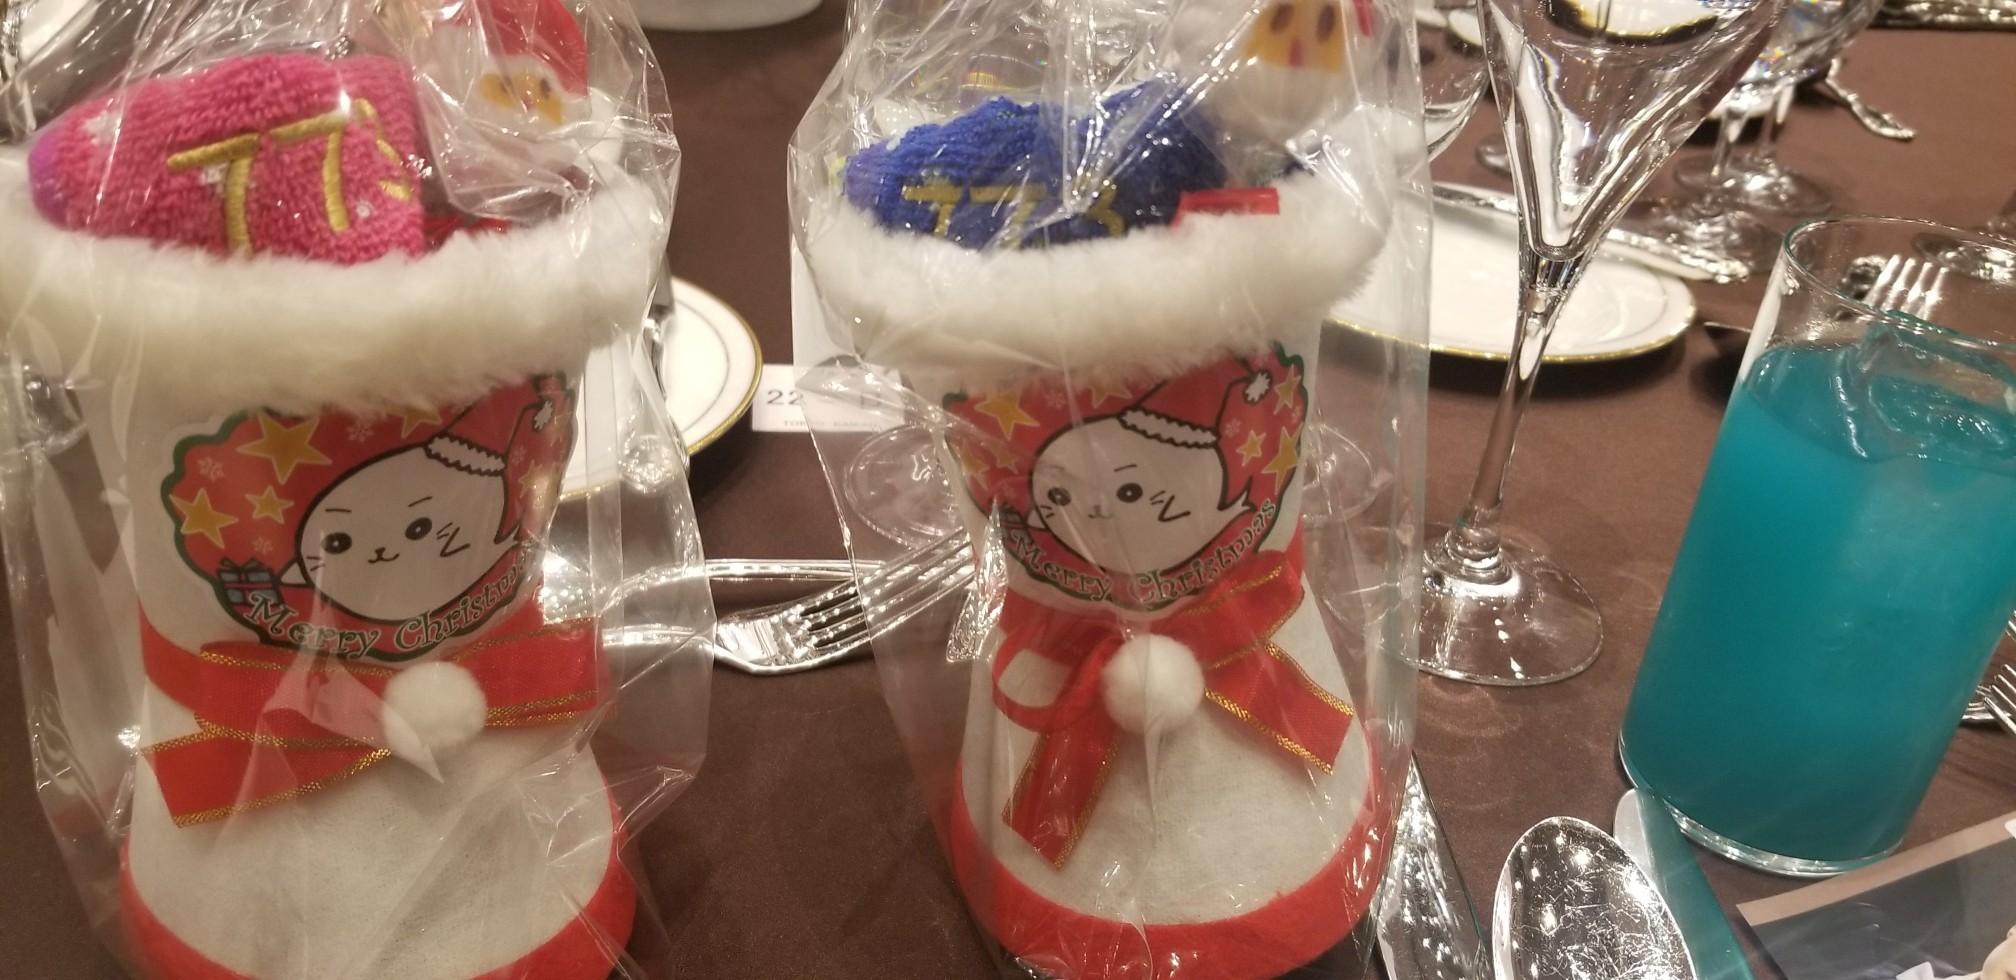 ♪いつまでもクリスマス★七海ひろきディナーショー_d0162225_18475575.jpg